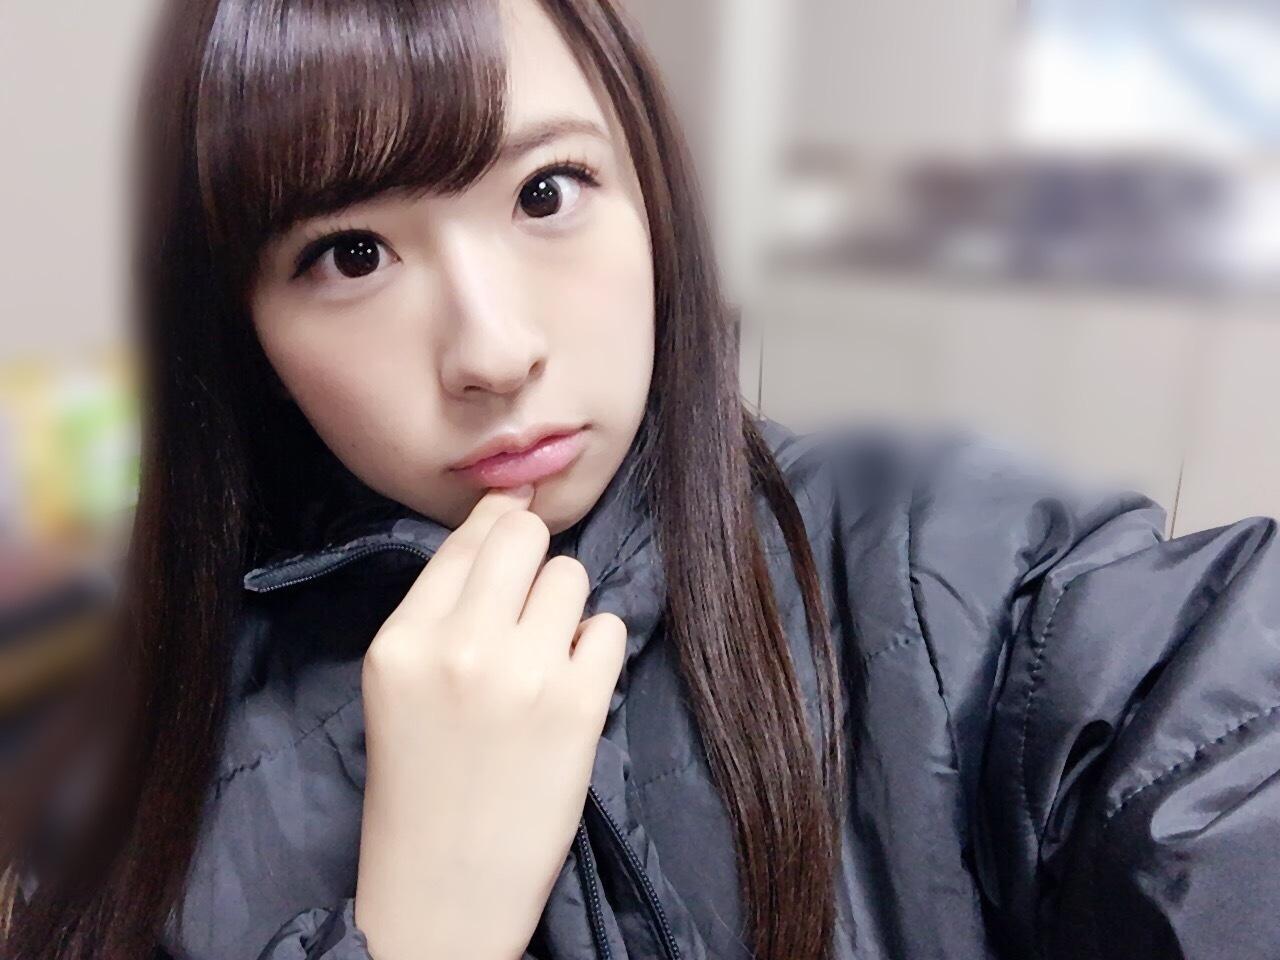 画像 : 【欅坂46】井口眞緒のかわいい画像まとめ【ひらがなけやき